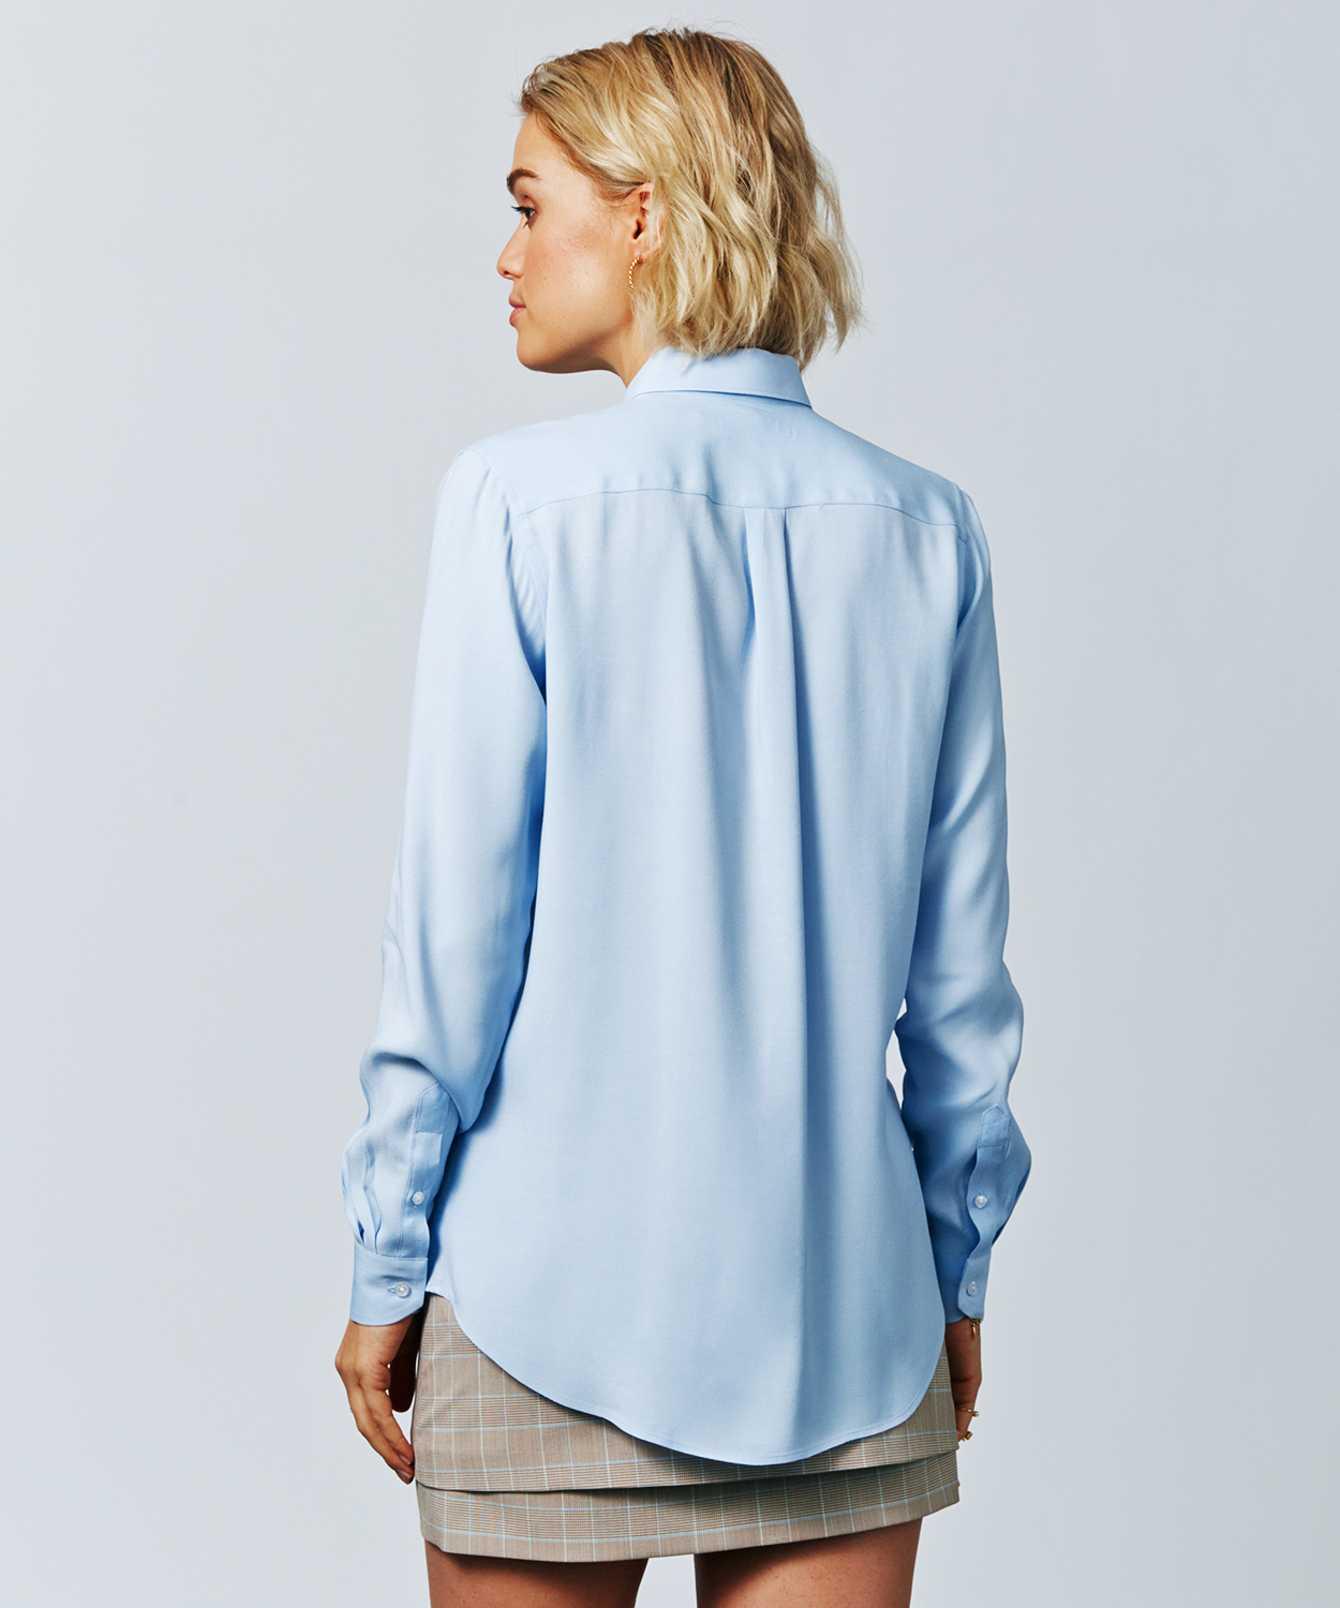 Skjorta Sonja Verona Blå The Shirt Factory